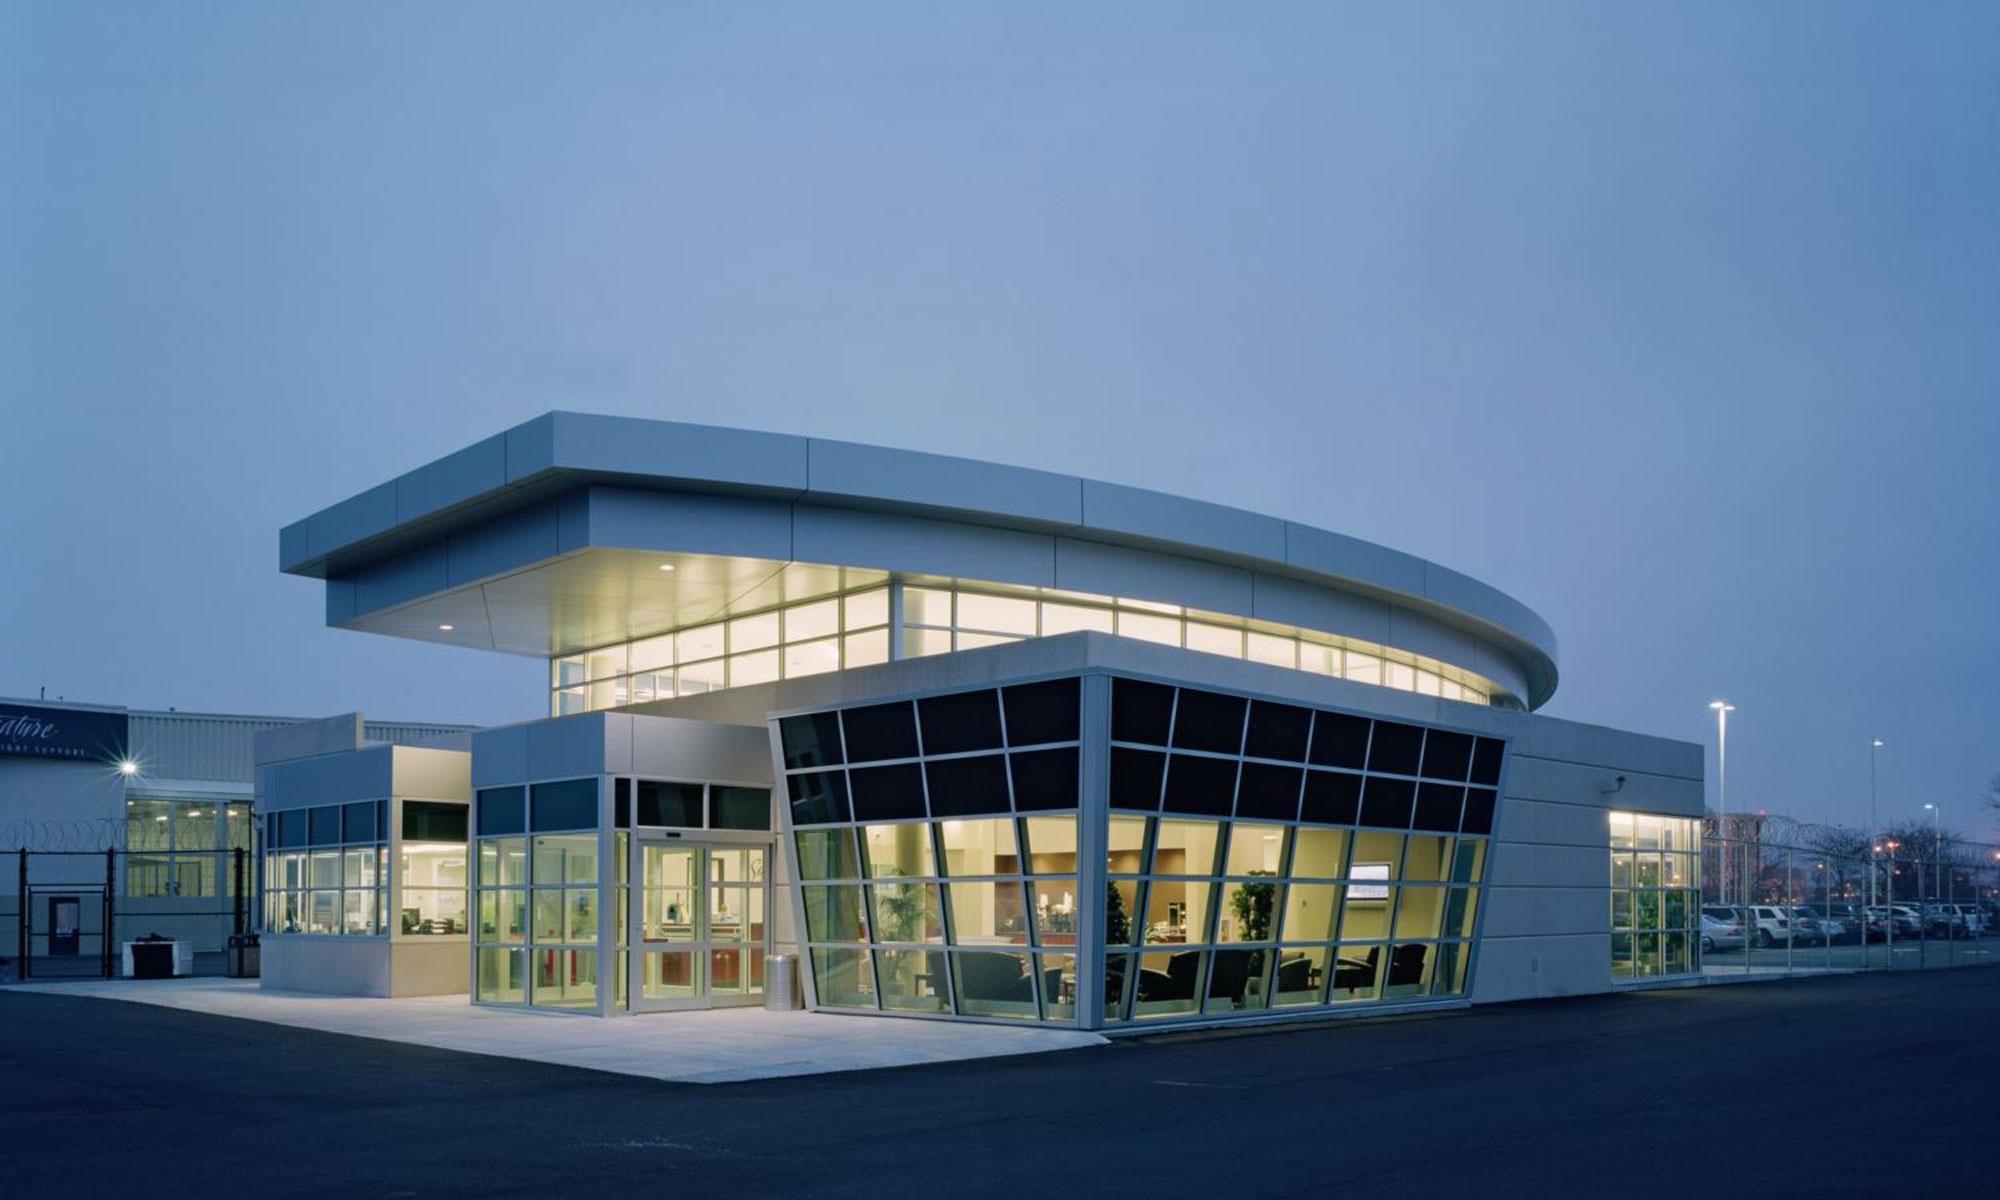 Signature Flight Supprt Executive Terminal Exterior 1